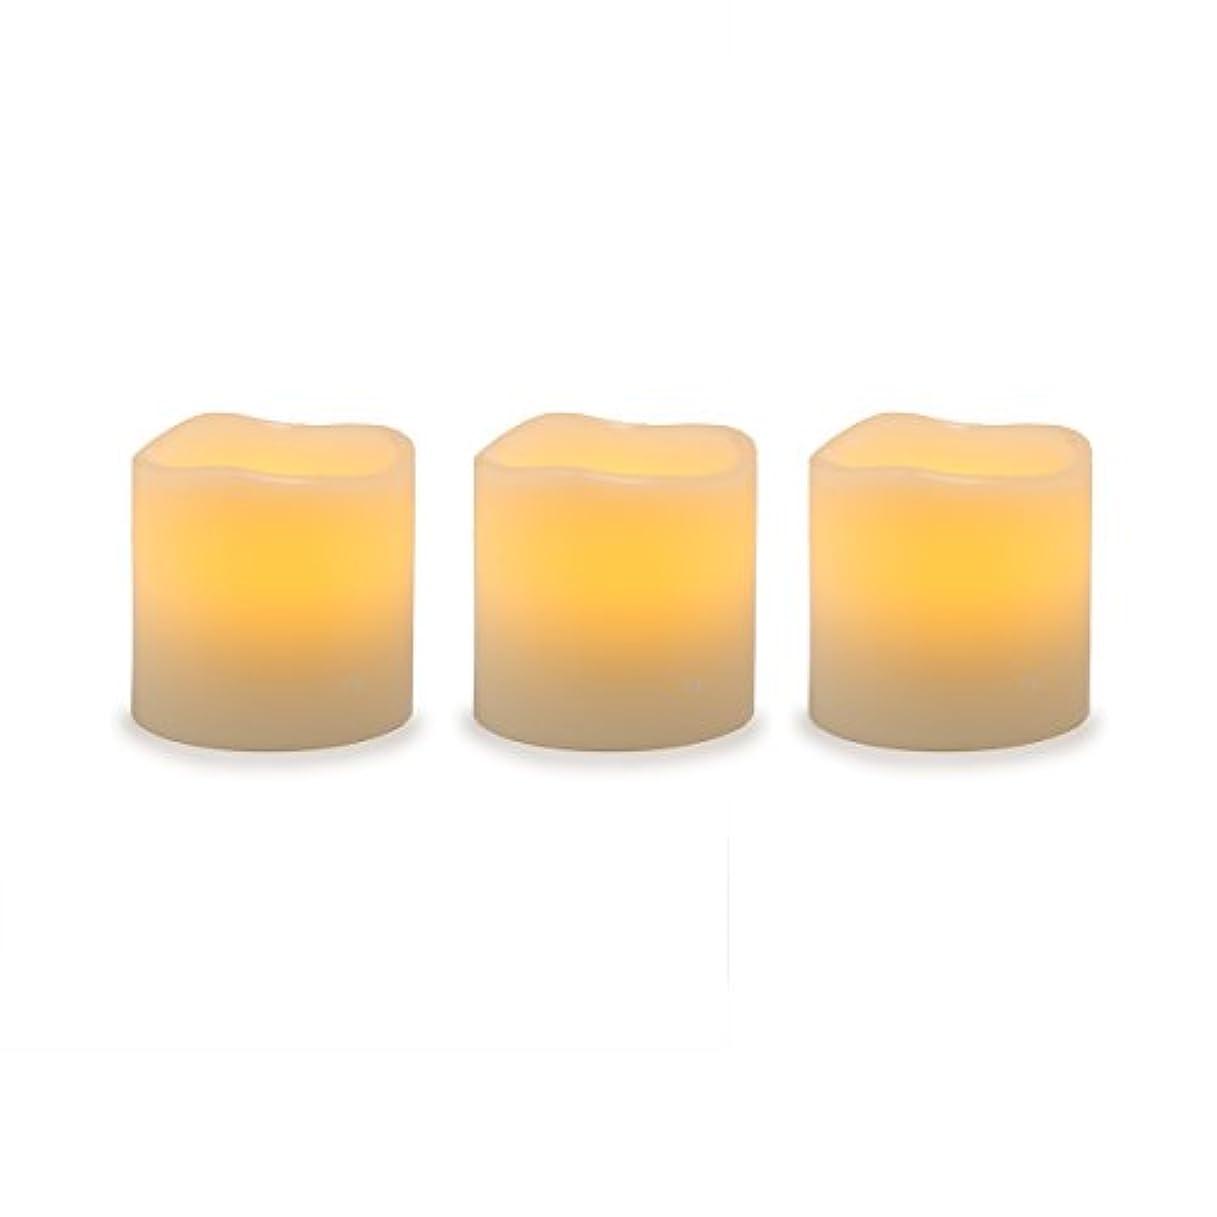 等すみませんアイスクリームDarice電池式LED Pillar Candleセット、3ピース